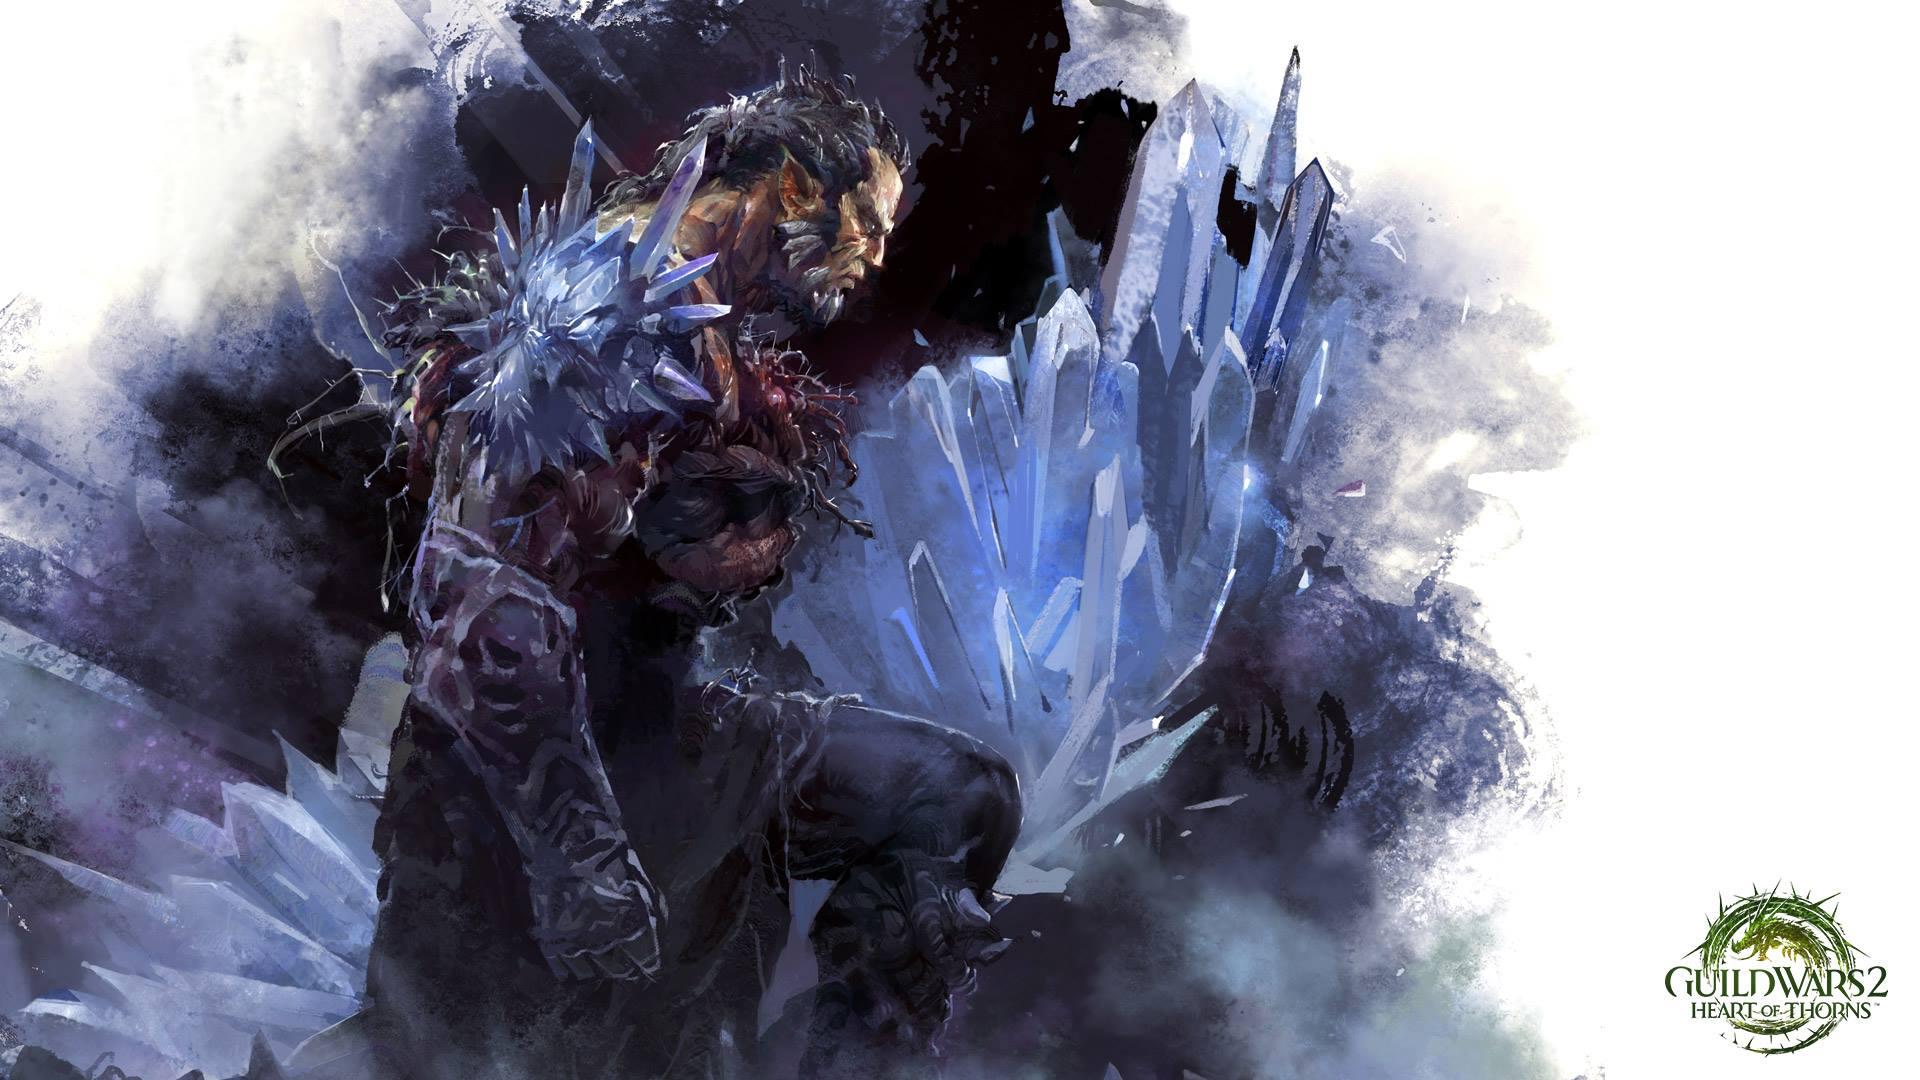 30+ Guild Wars 2 Wallpaper 1080P Pics